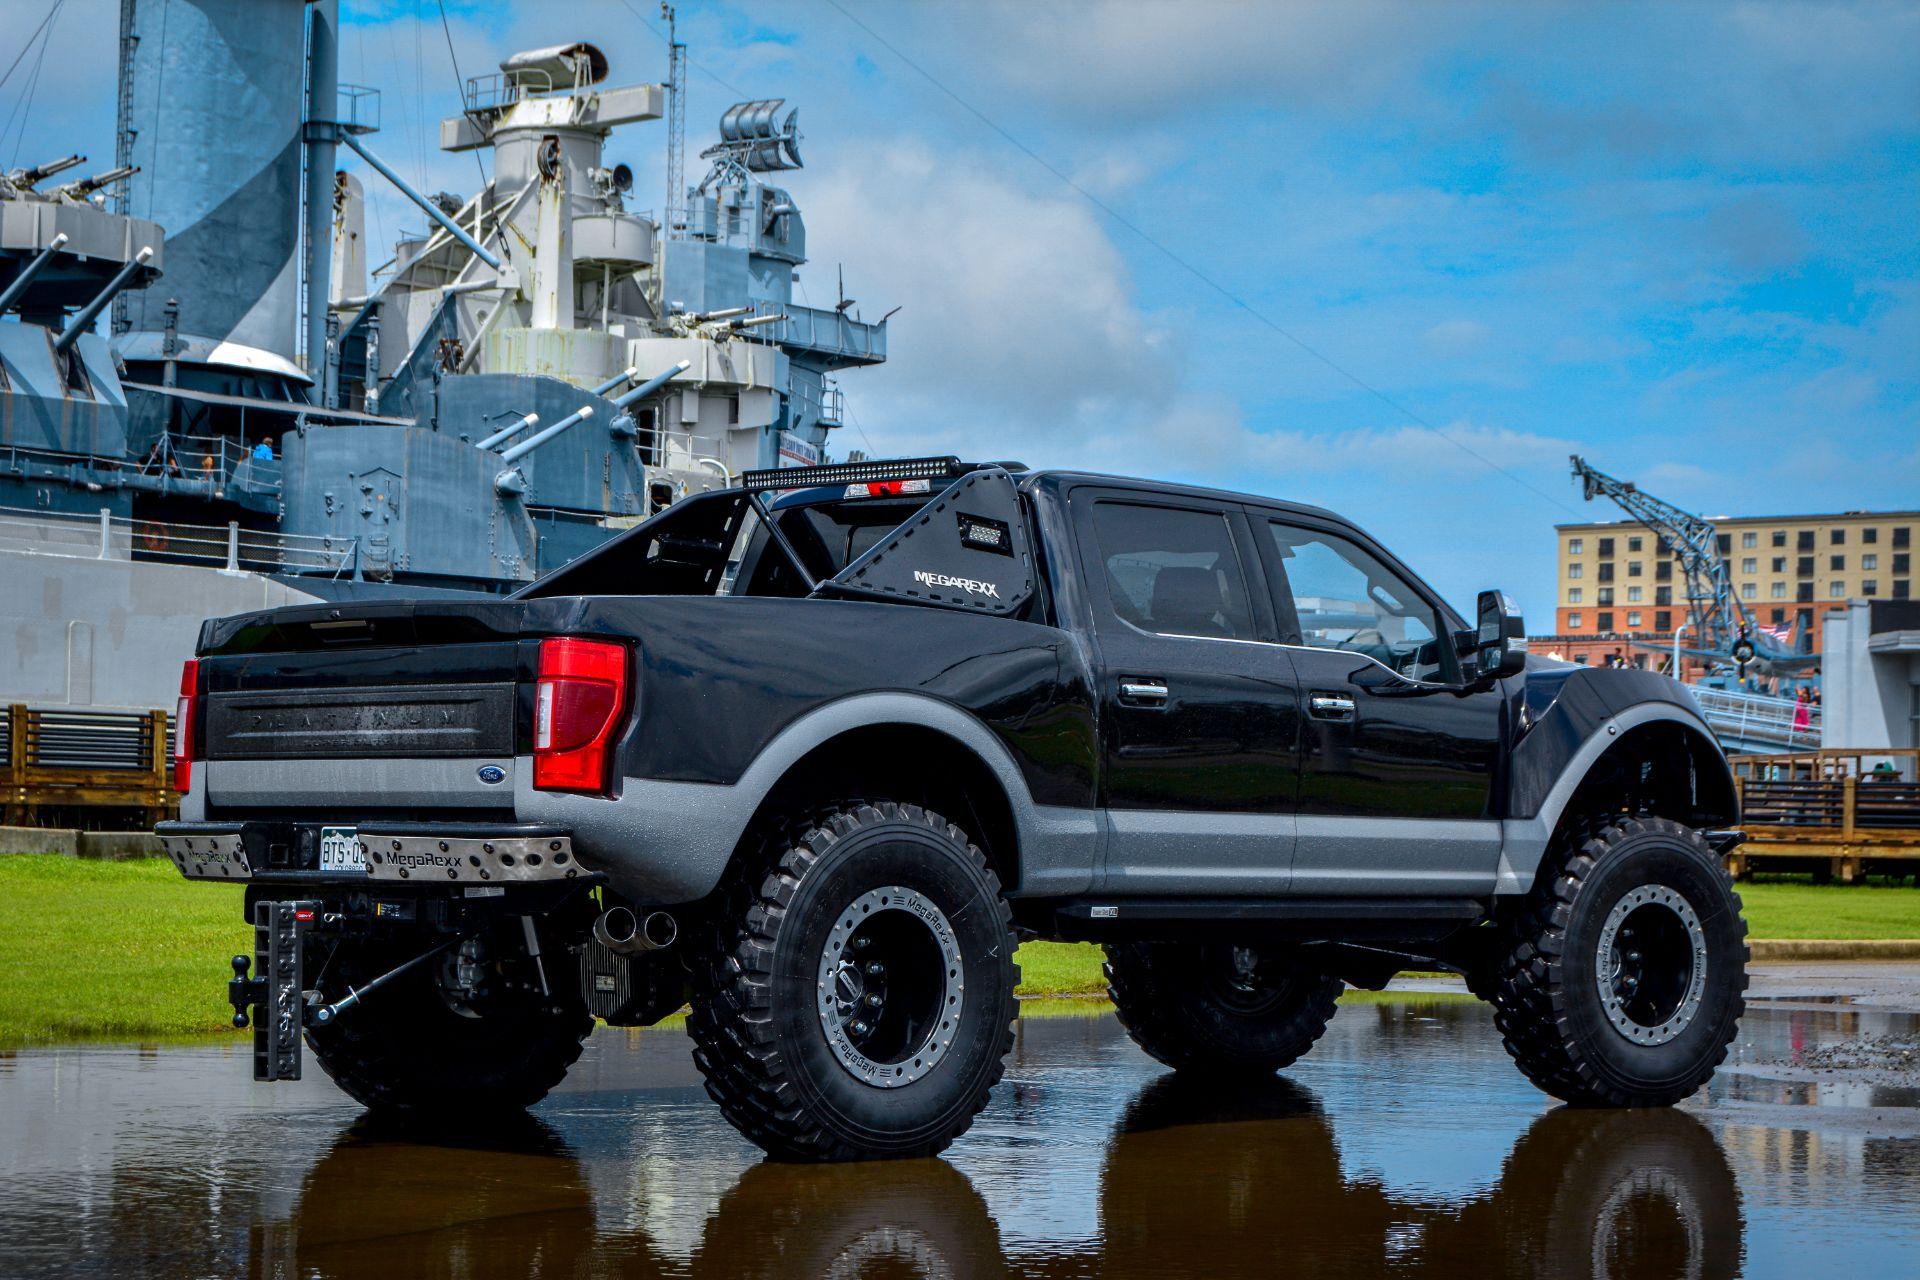 MegaRaptor-by-Megarexx-Trucks-21